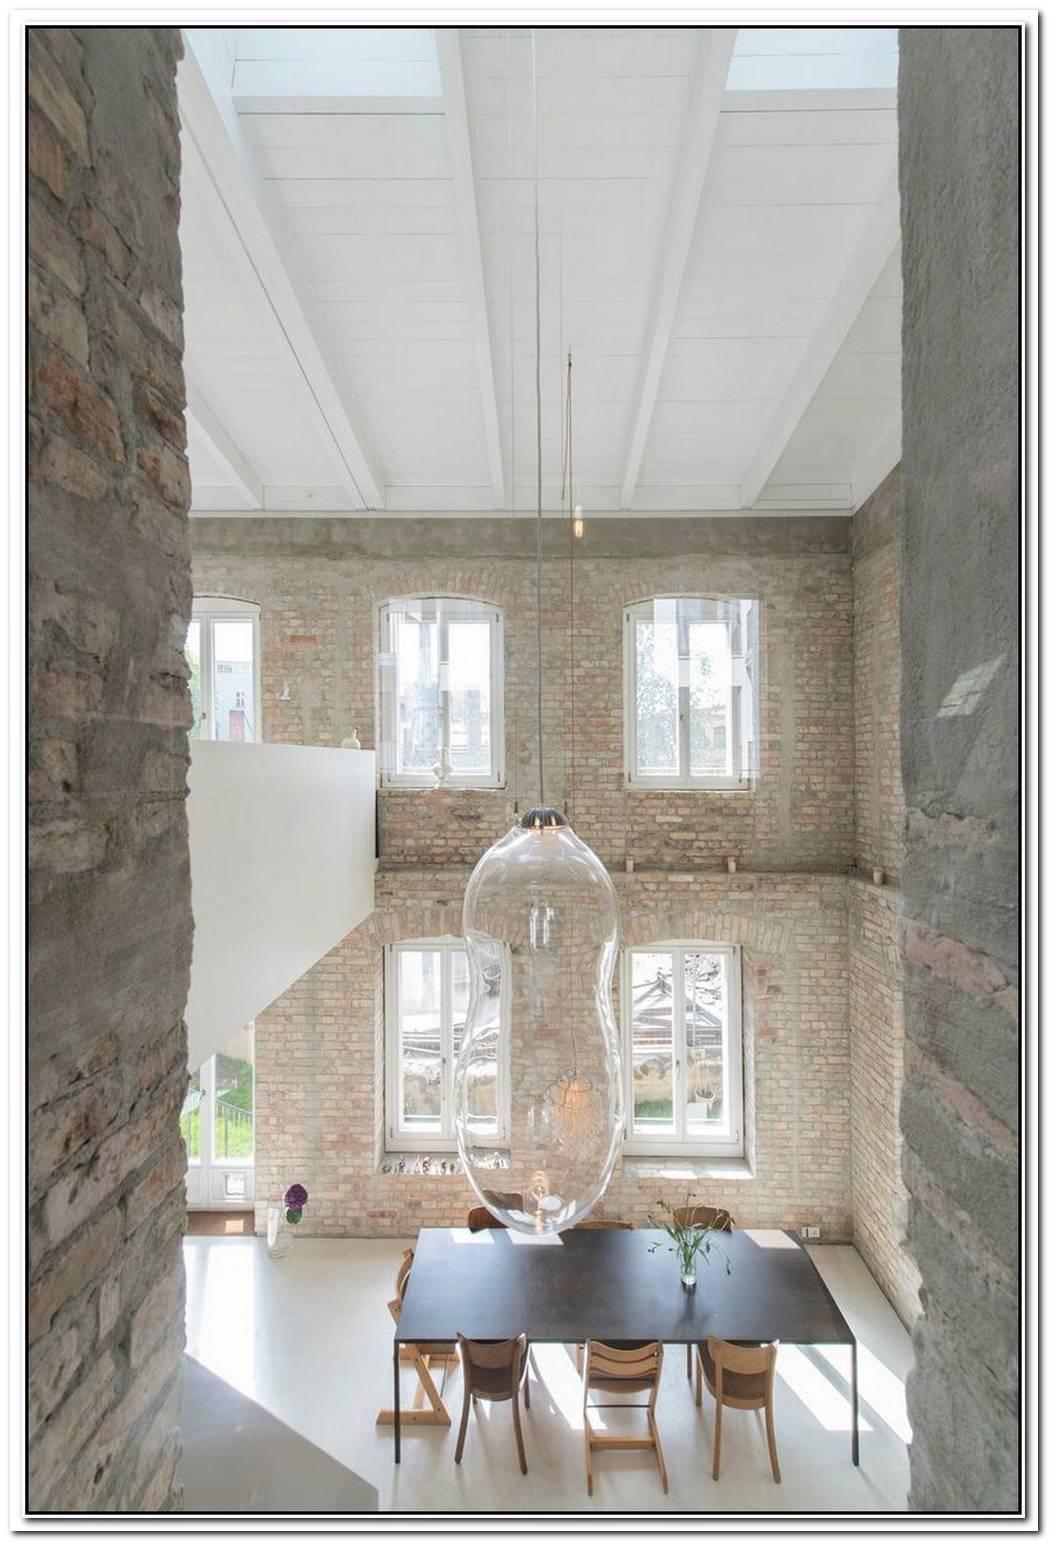 Contemporary Home Woven Into Historic Architecture In Berlin